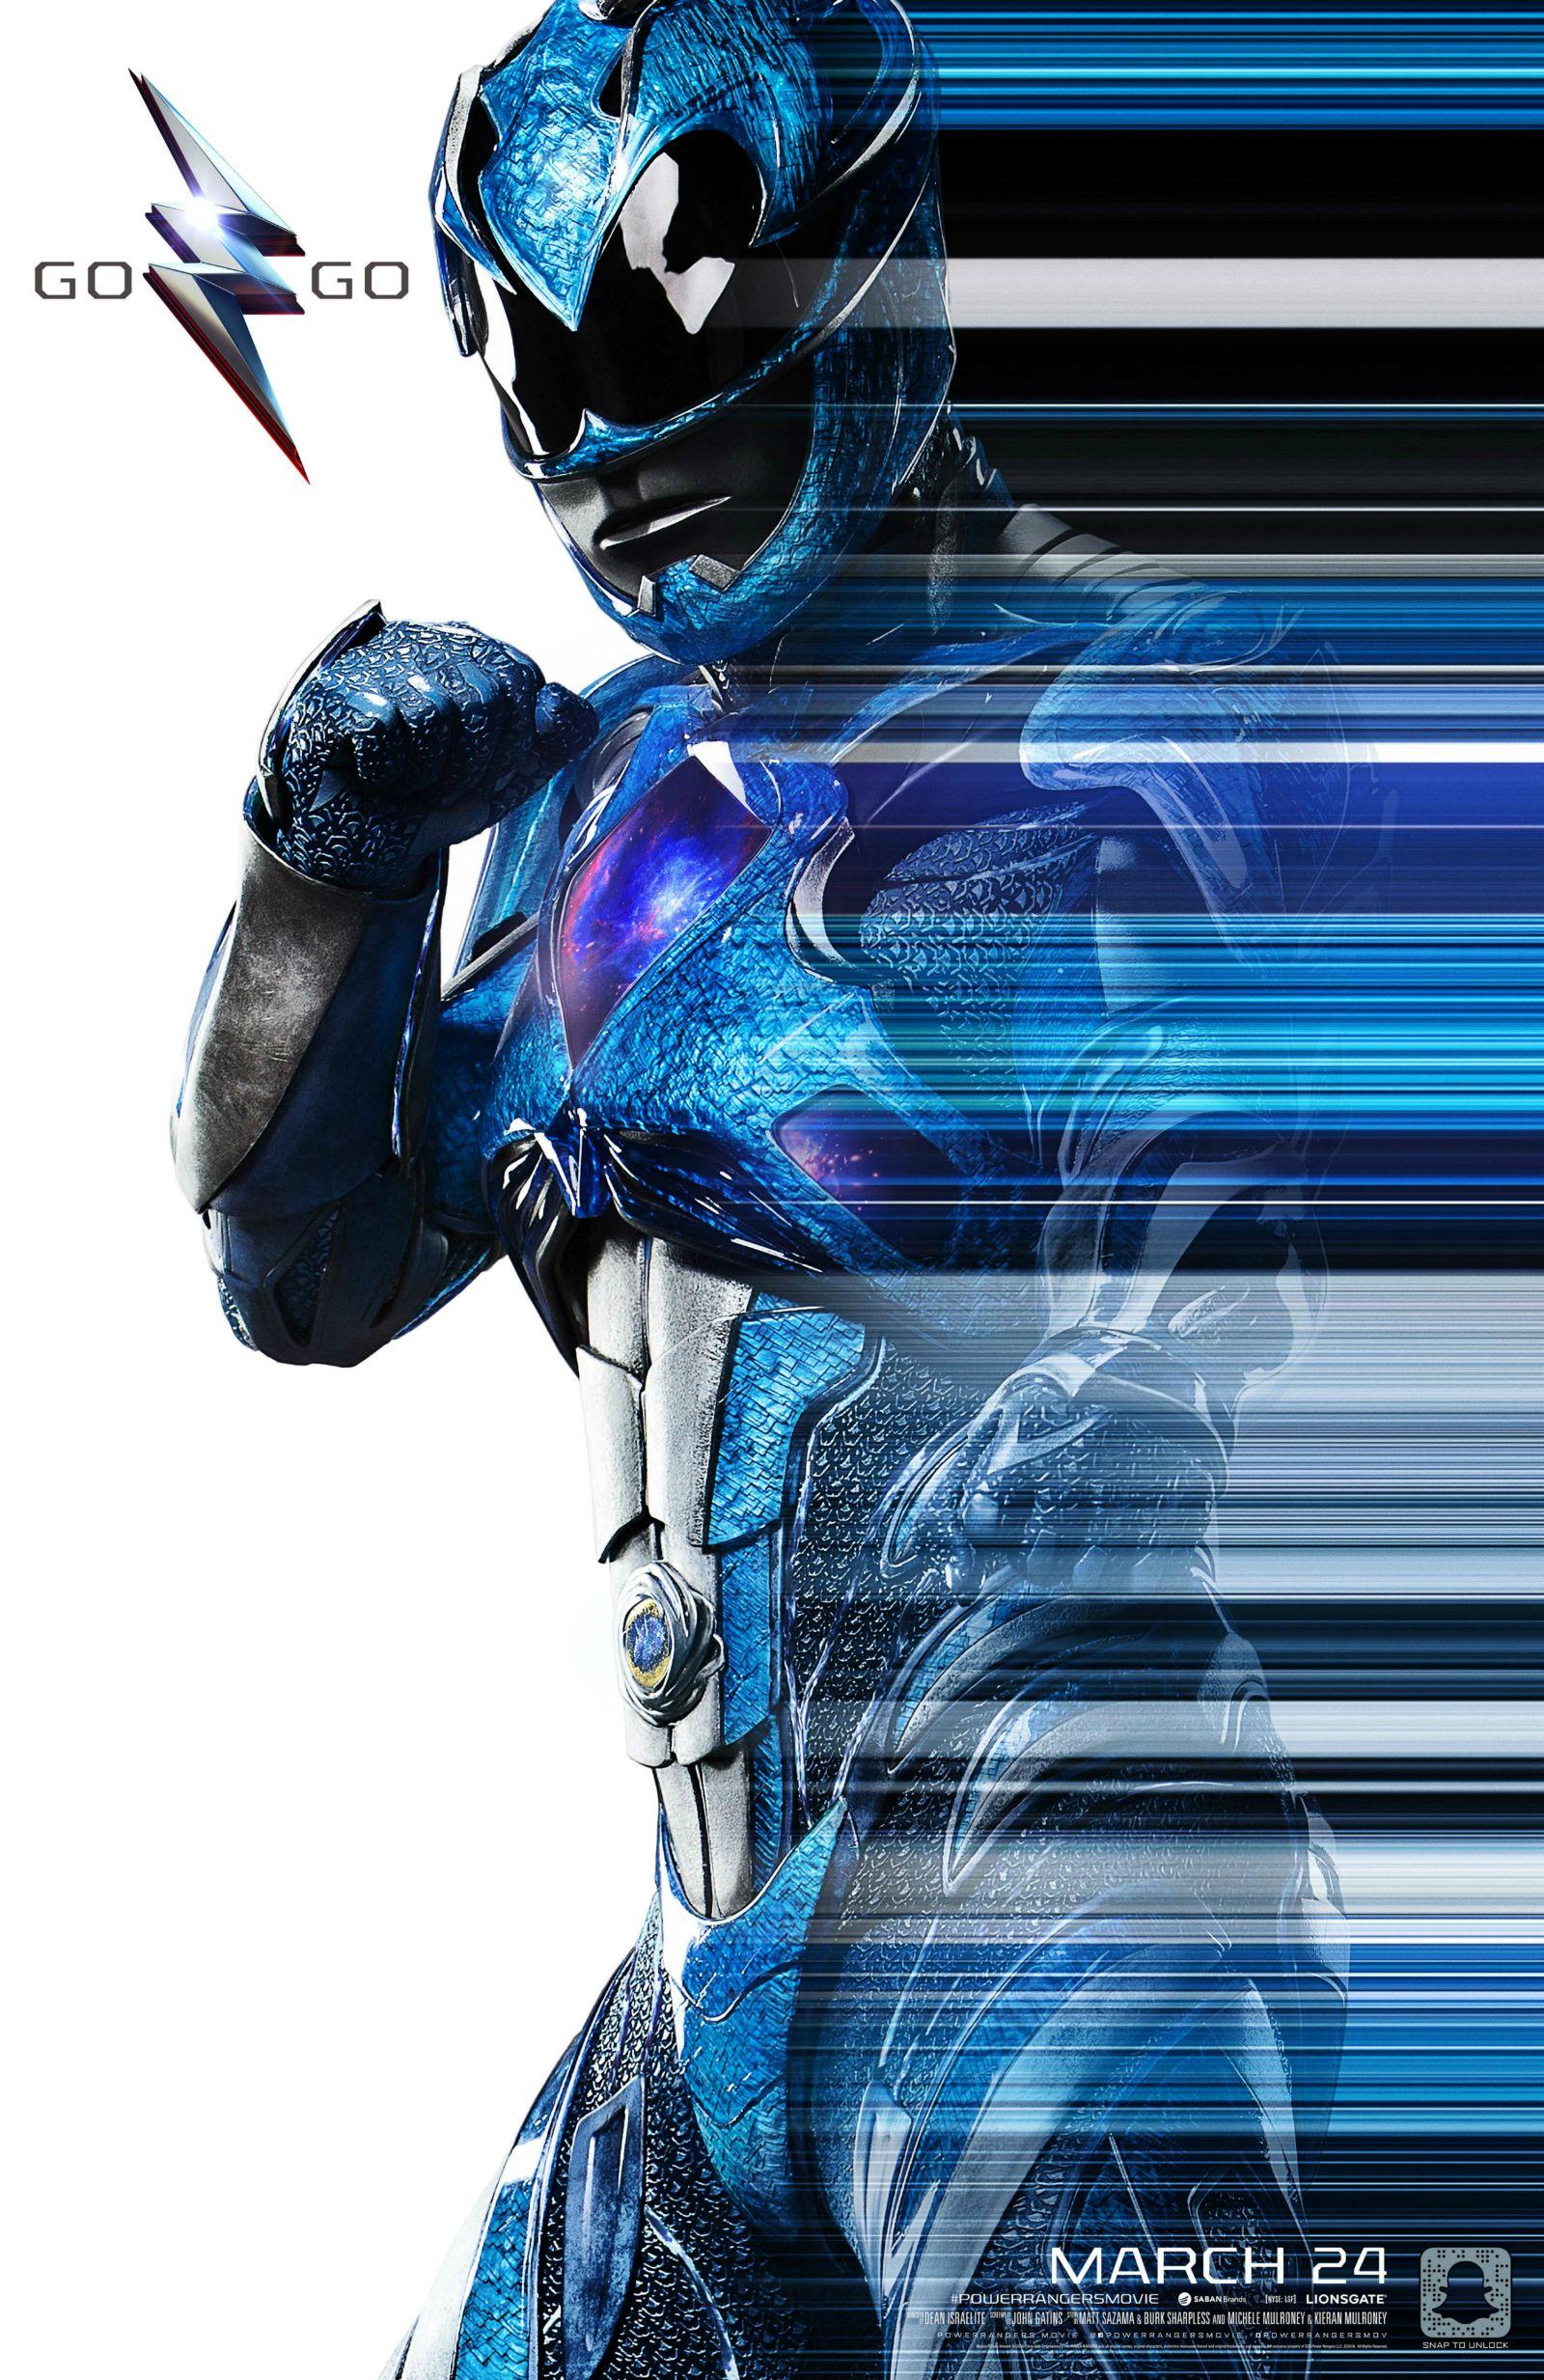 Power Rangers (2016) NYCC Poster - Blue Ranger